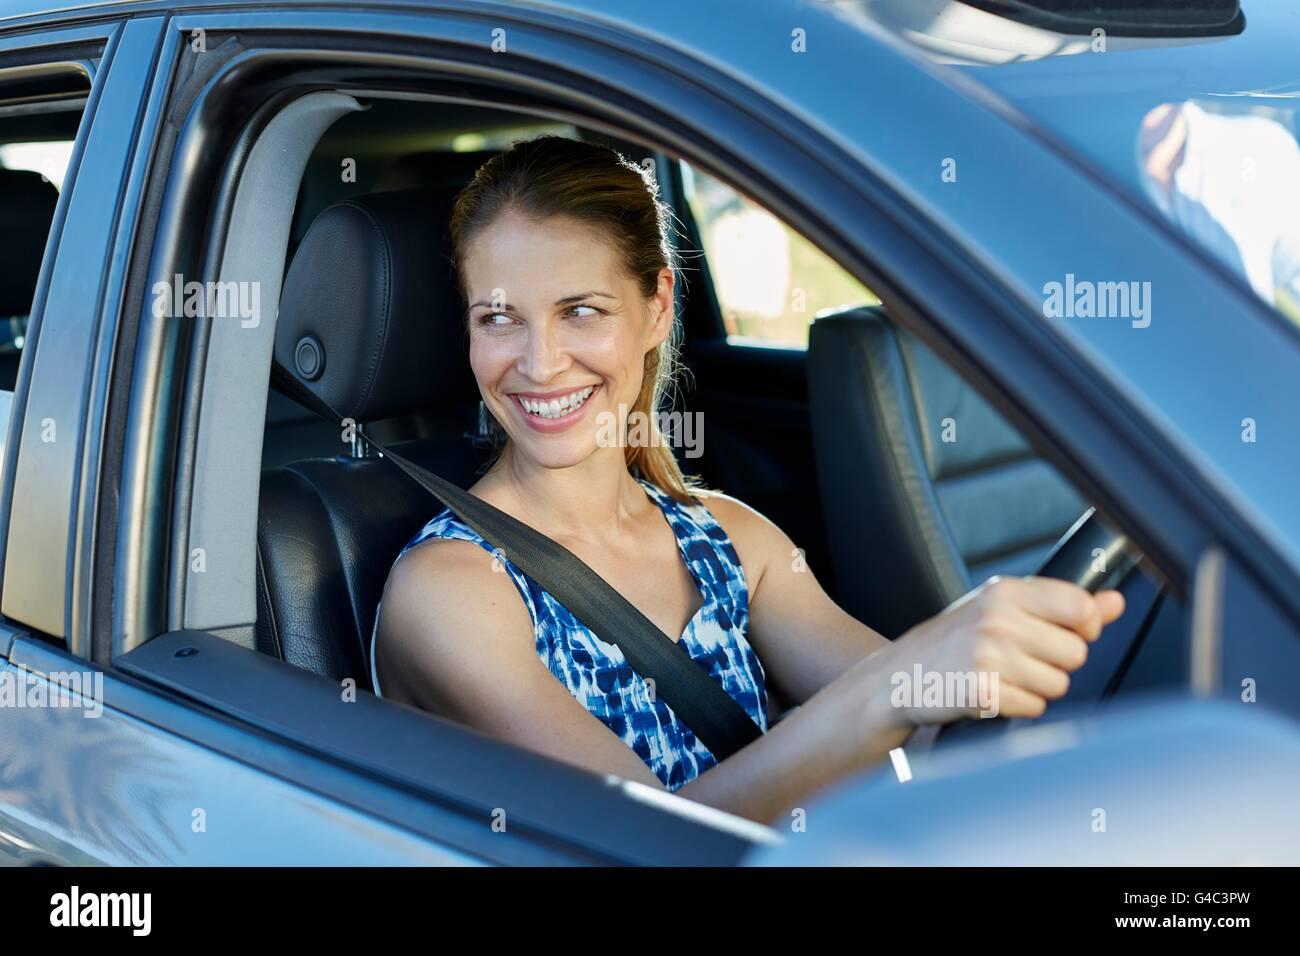 Modelo liberado. Mujer joven mirando a través de la ventana de coche, sonriendo. Imagen De Stock